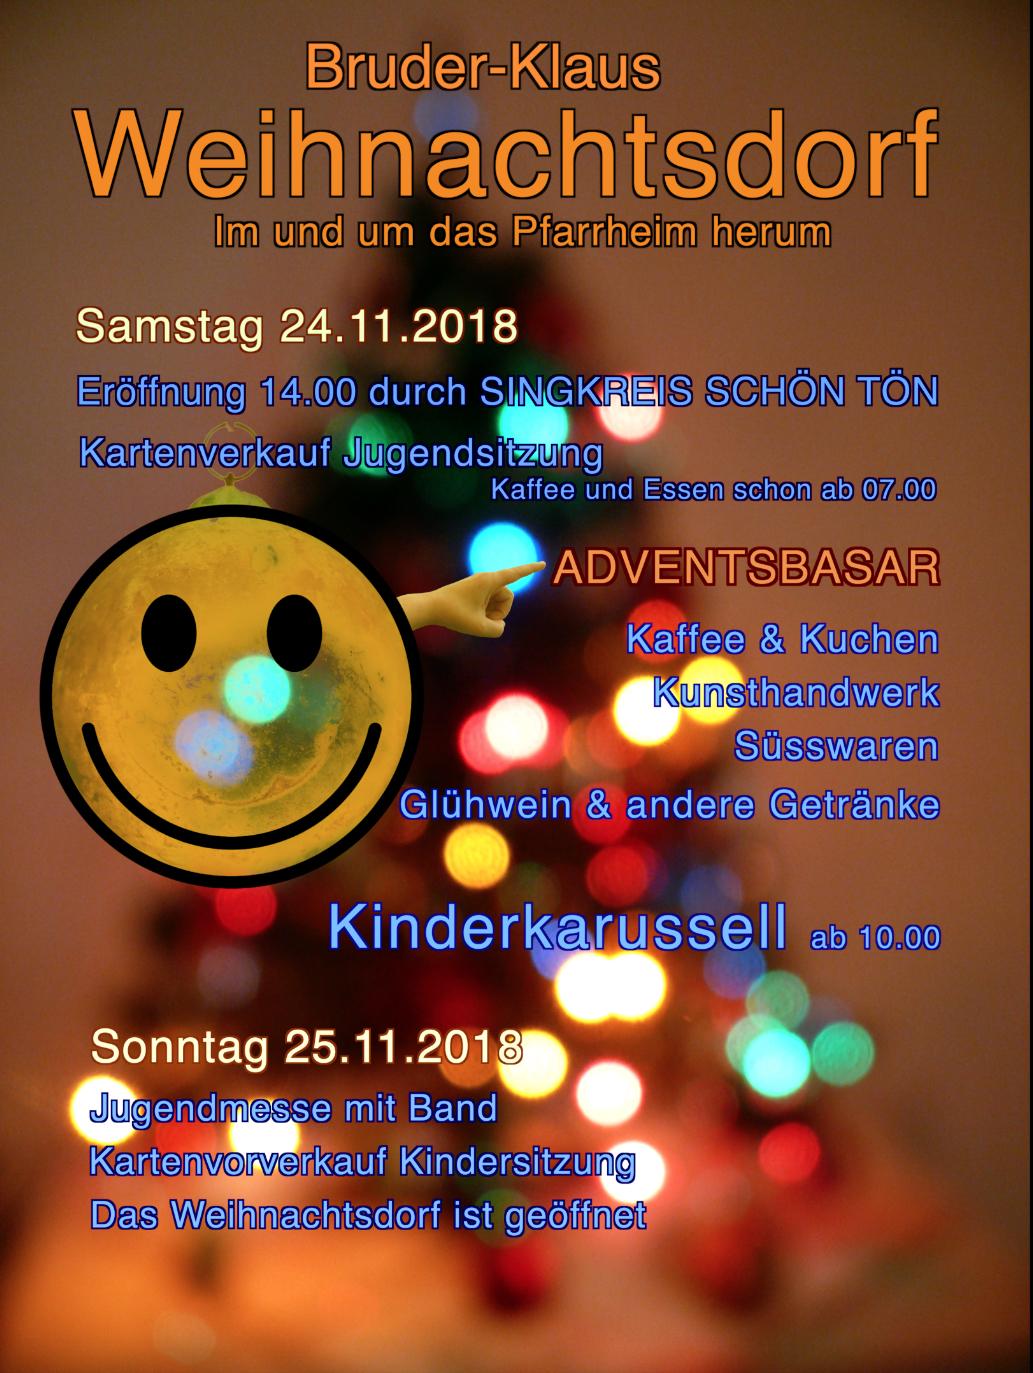 Weihnachtsdorf_2018_Plakat_1.jpg